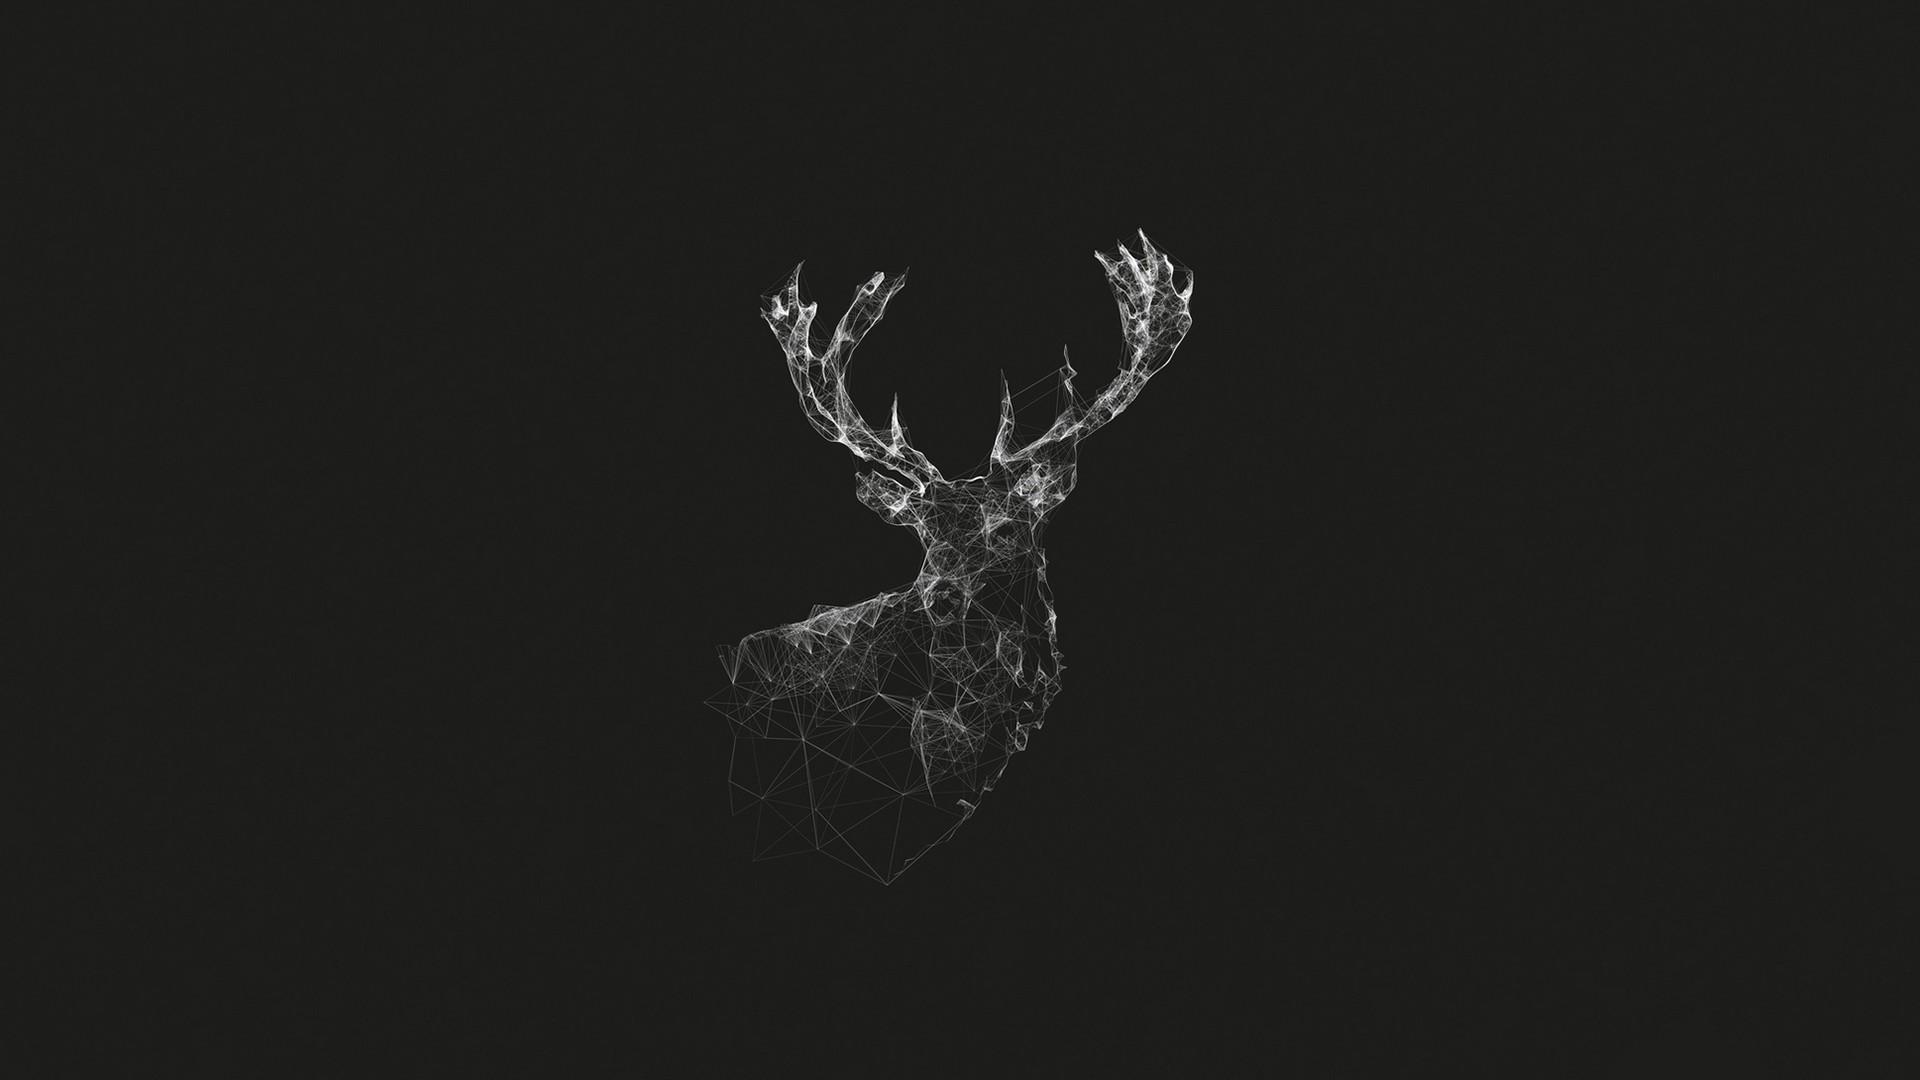 Wallpaper : deer, digital art, animals, abstract, nature, artwork ...